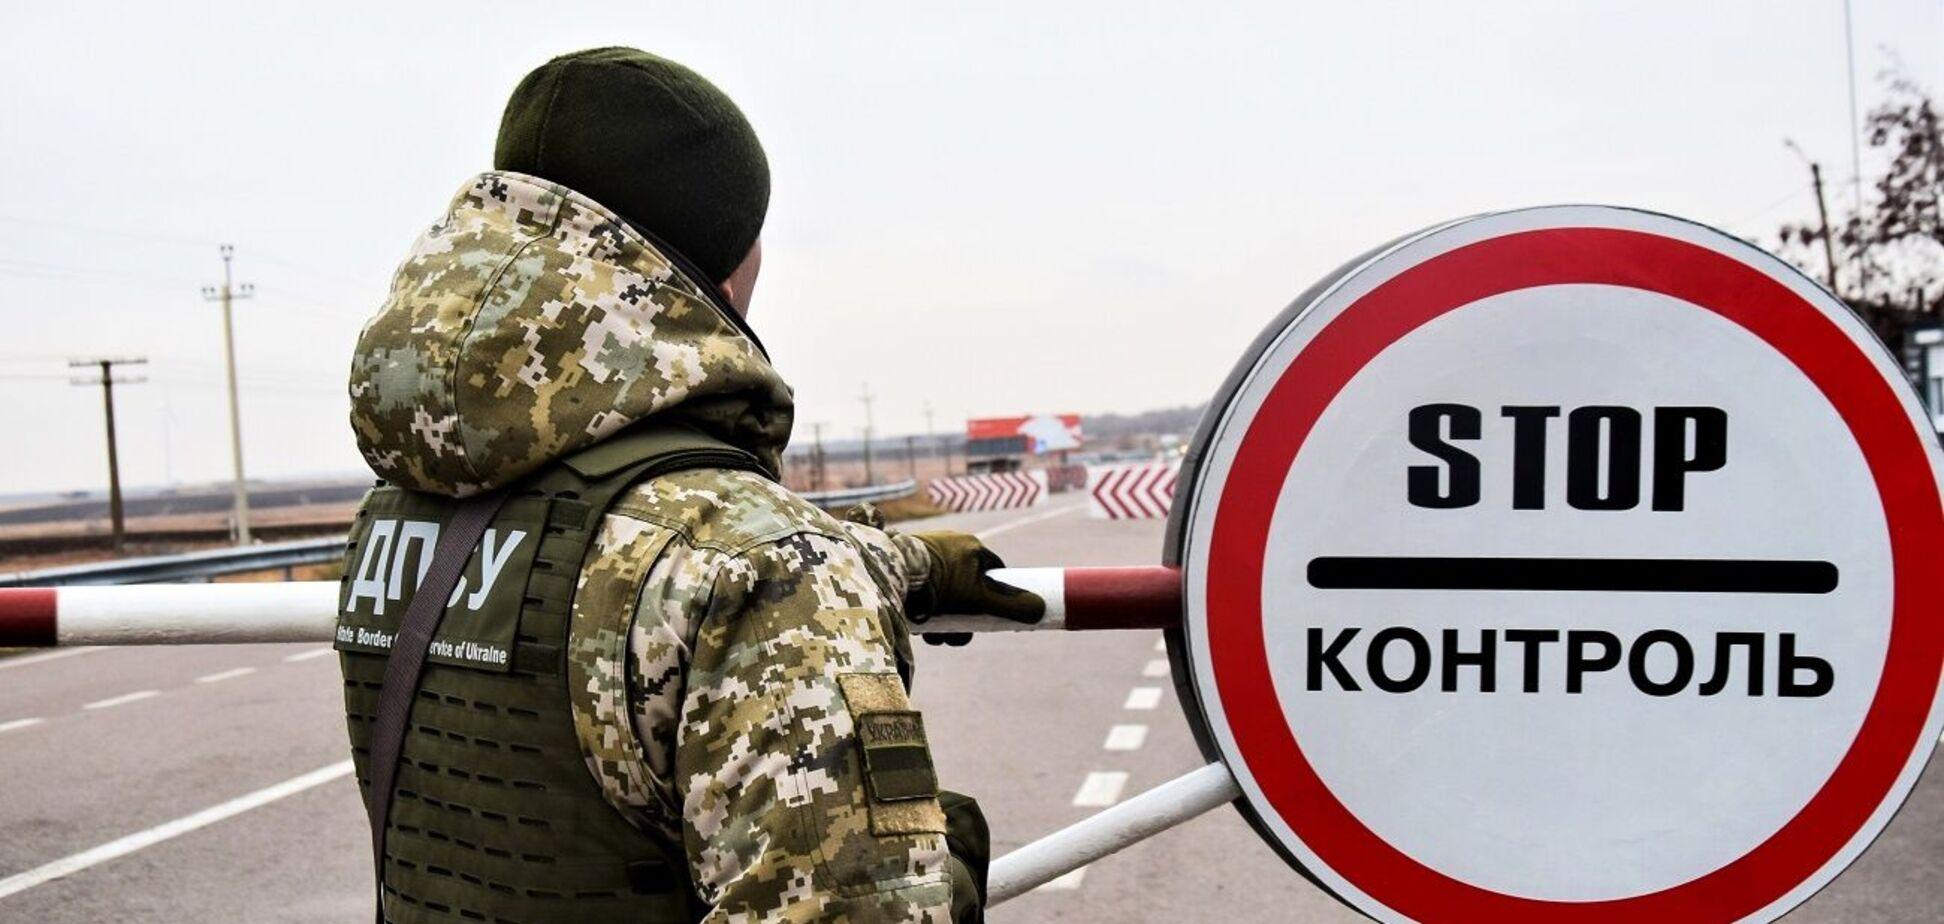 Оккупанты блокируют КПВВ: как жителям Донбасса попасть в Украину